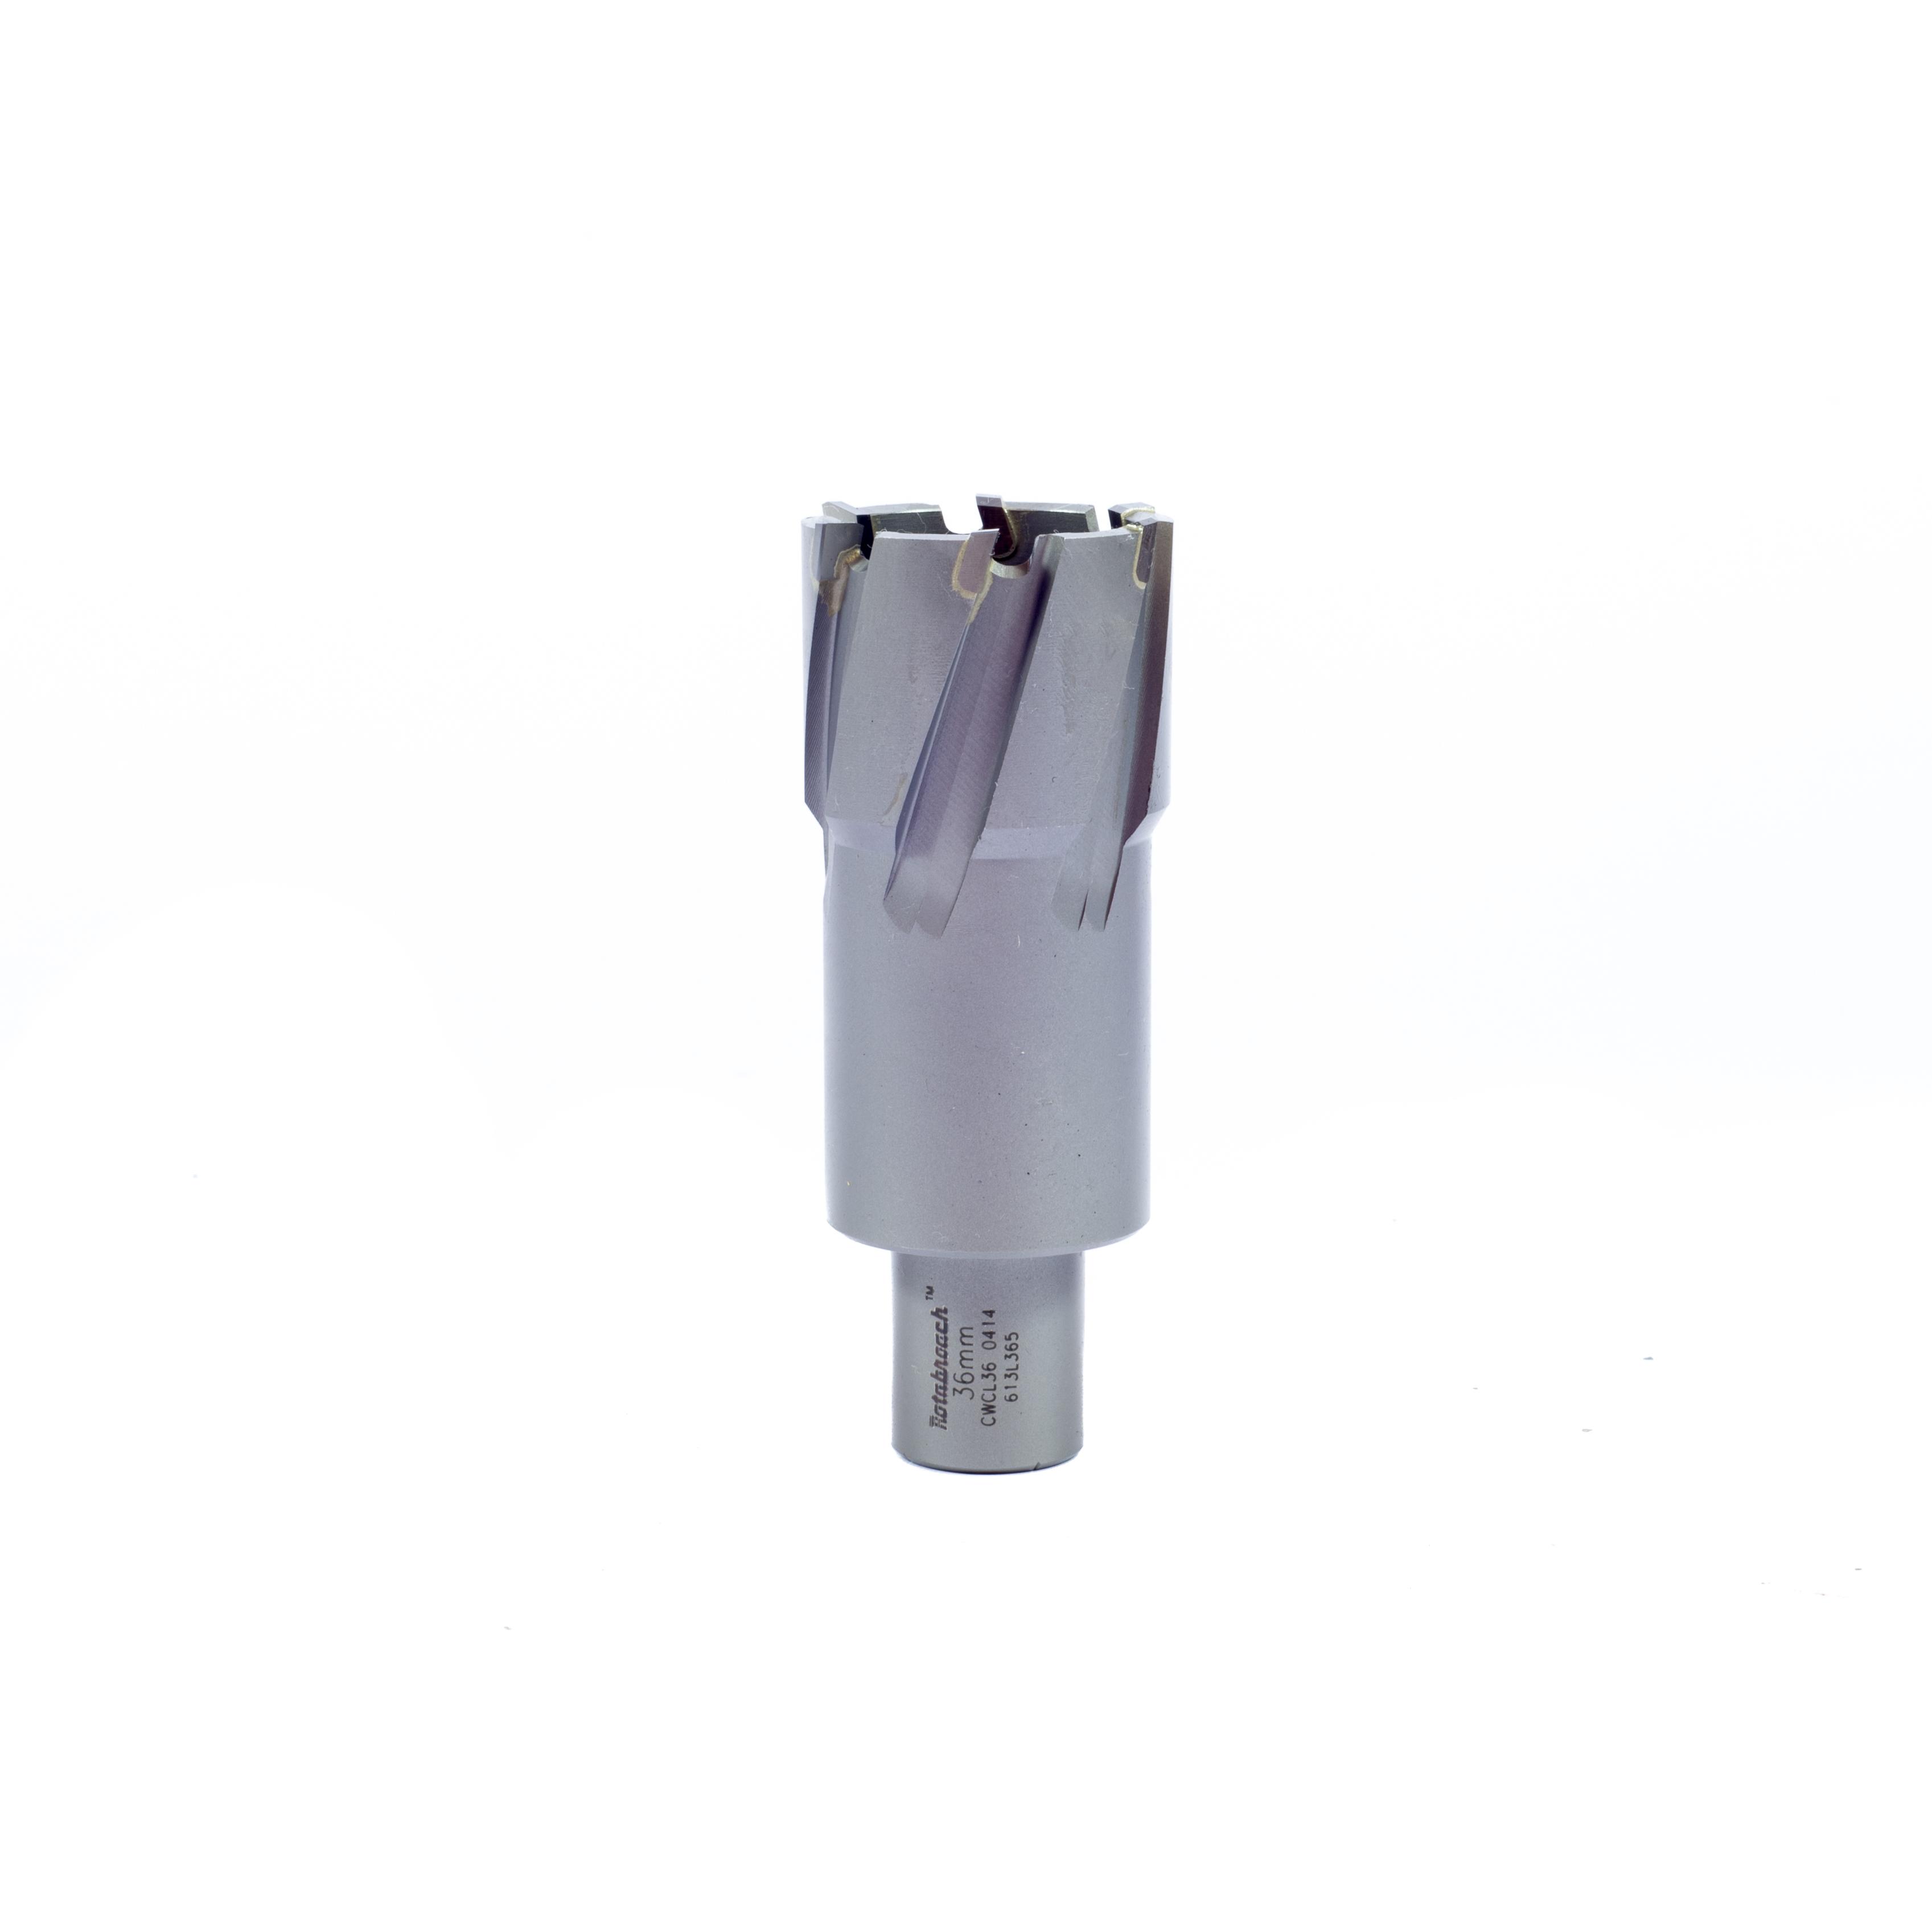 Image of   Rotabroach HM kernebor 100 x 55mm Weldon skaft 32mm / 1.1/4